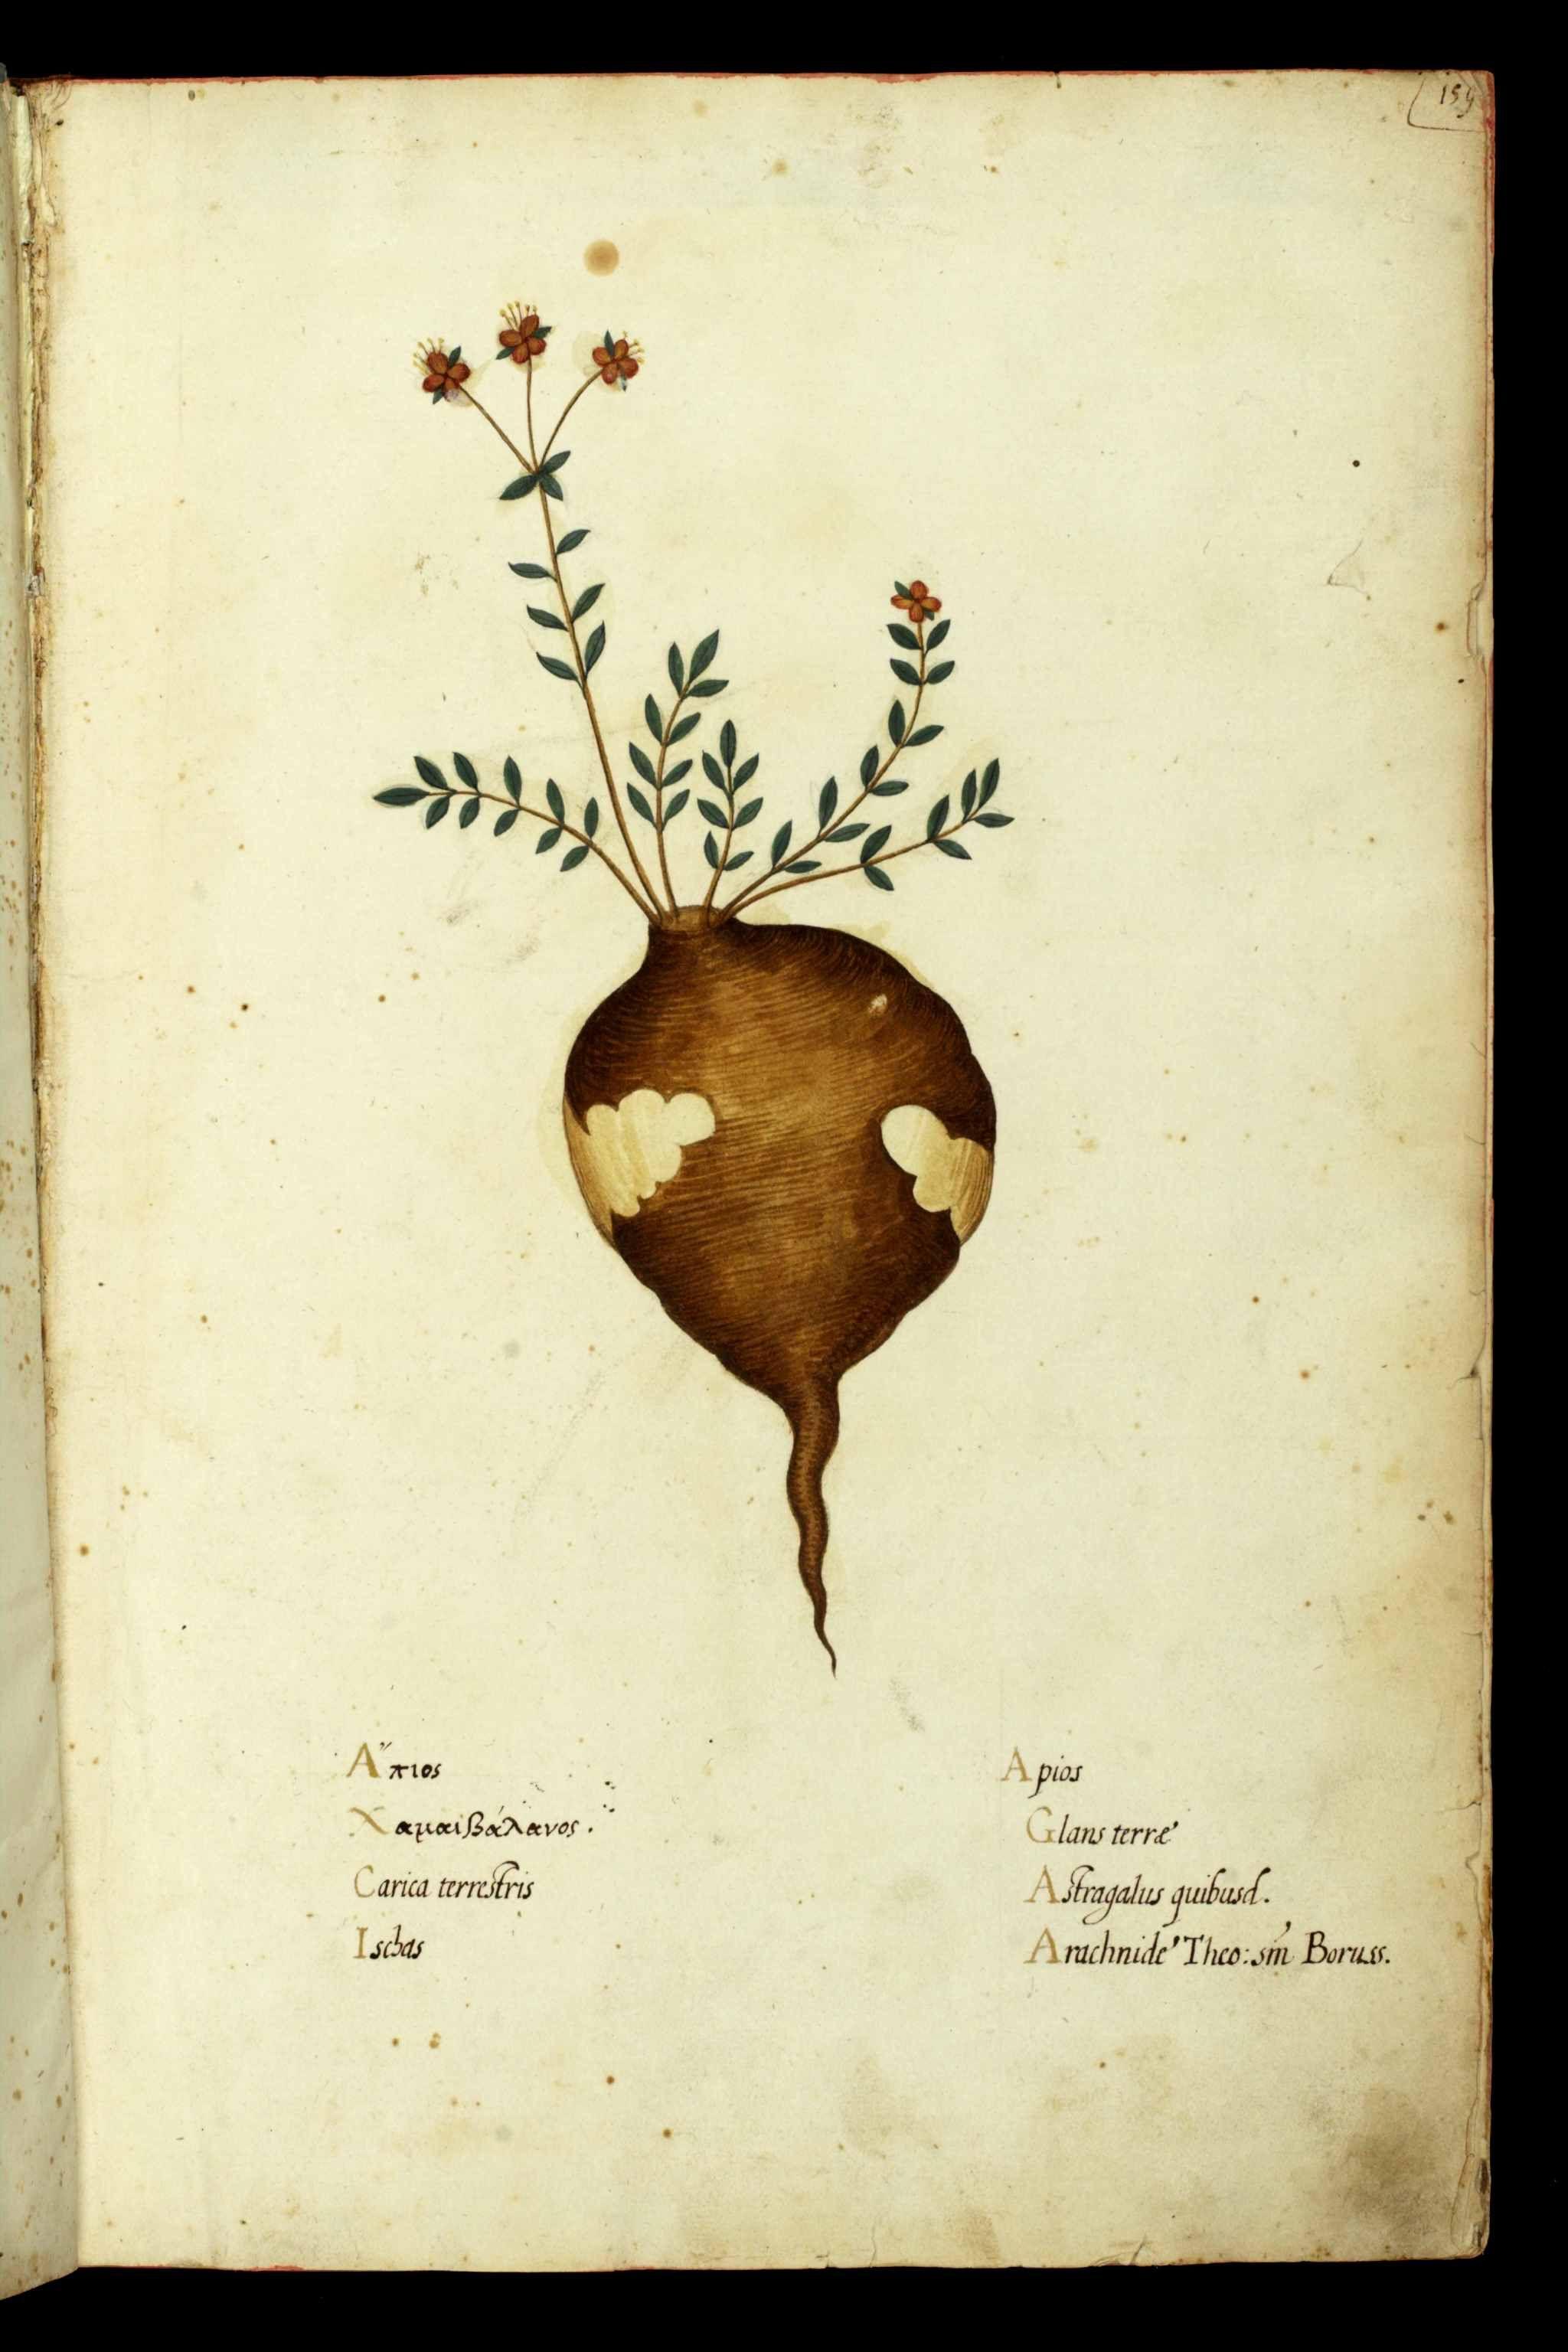 Magnum opus, by Ulisse Aldrovandi (1522-1605)